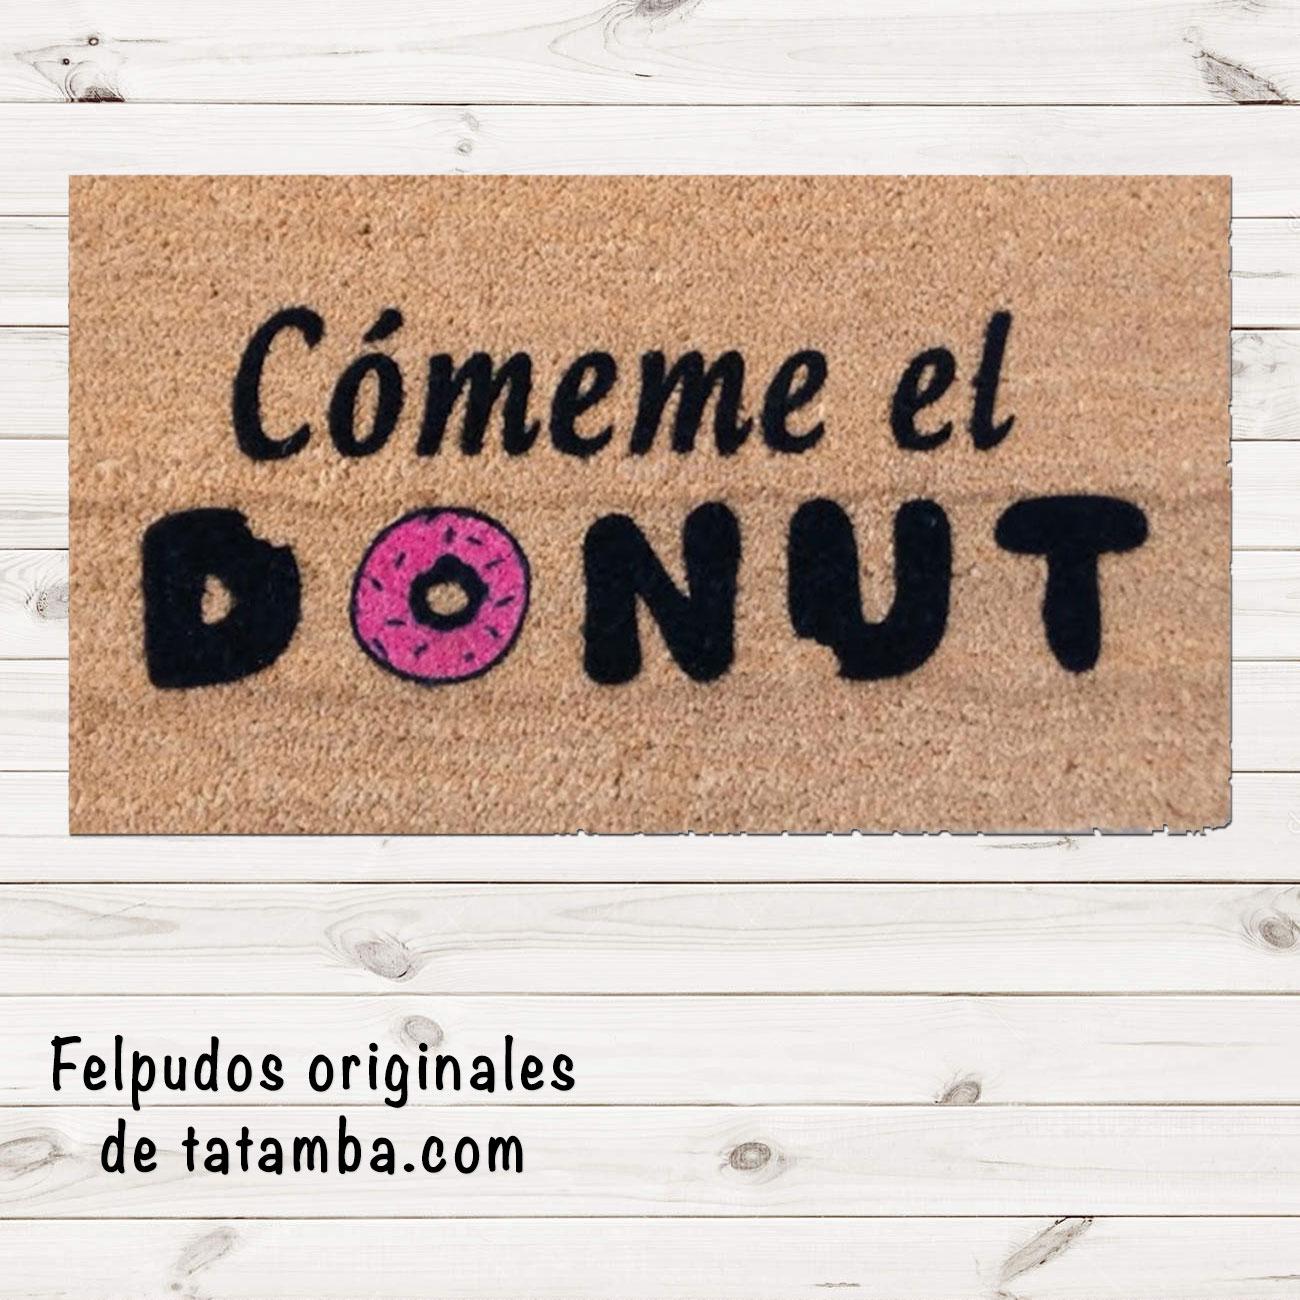 Felpudo Cómeme el Donut